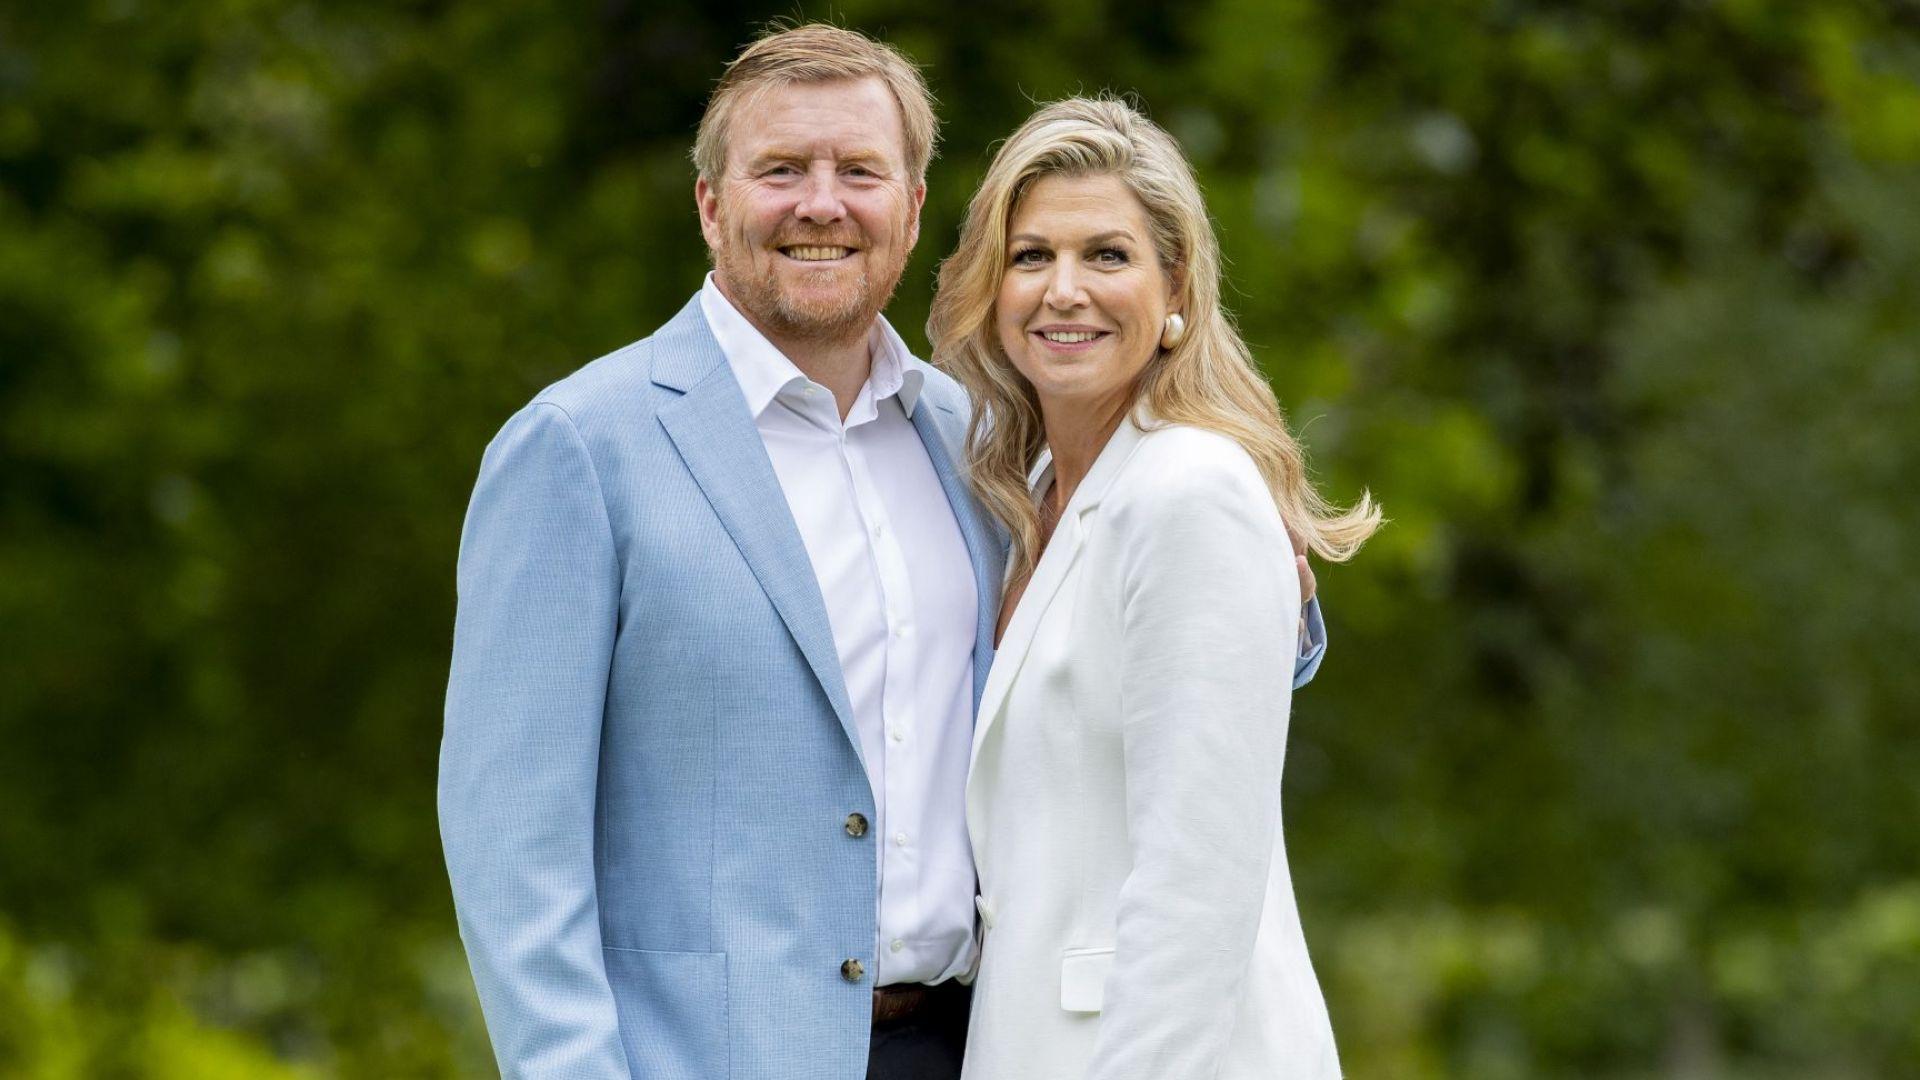 Кралят и кралицата на Нидерландия се извиниха за пренебрегване на социалната дистанция по време на ваканция в Гърция